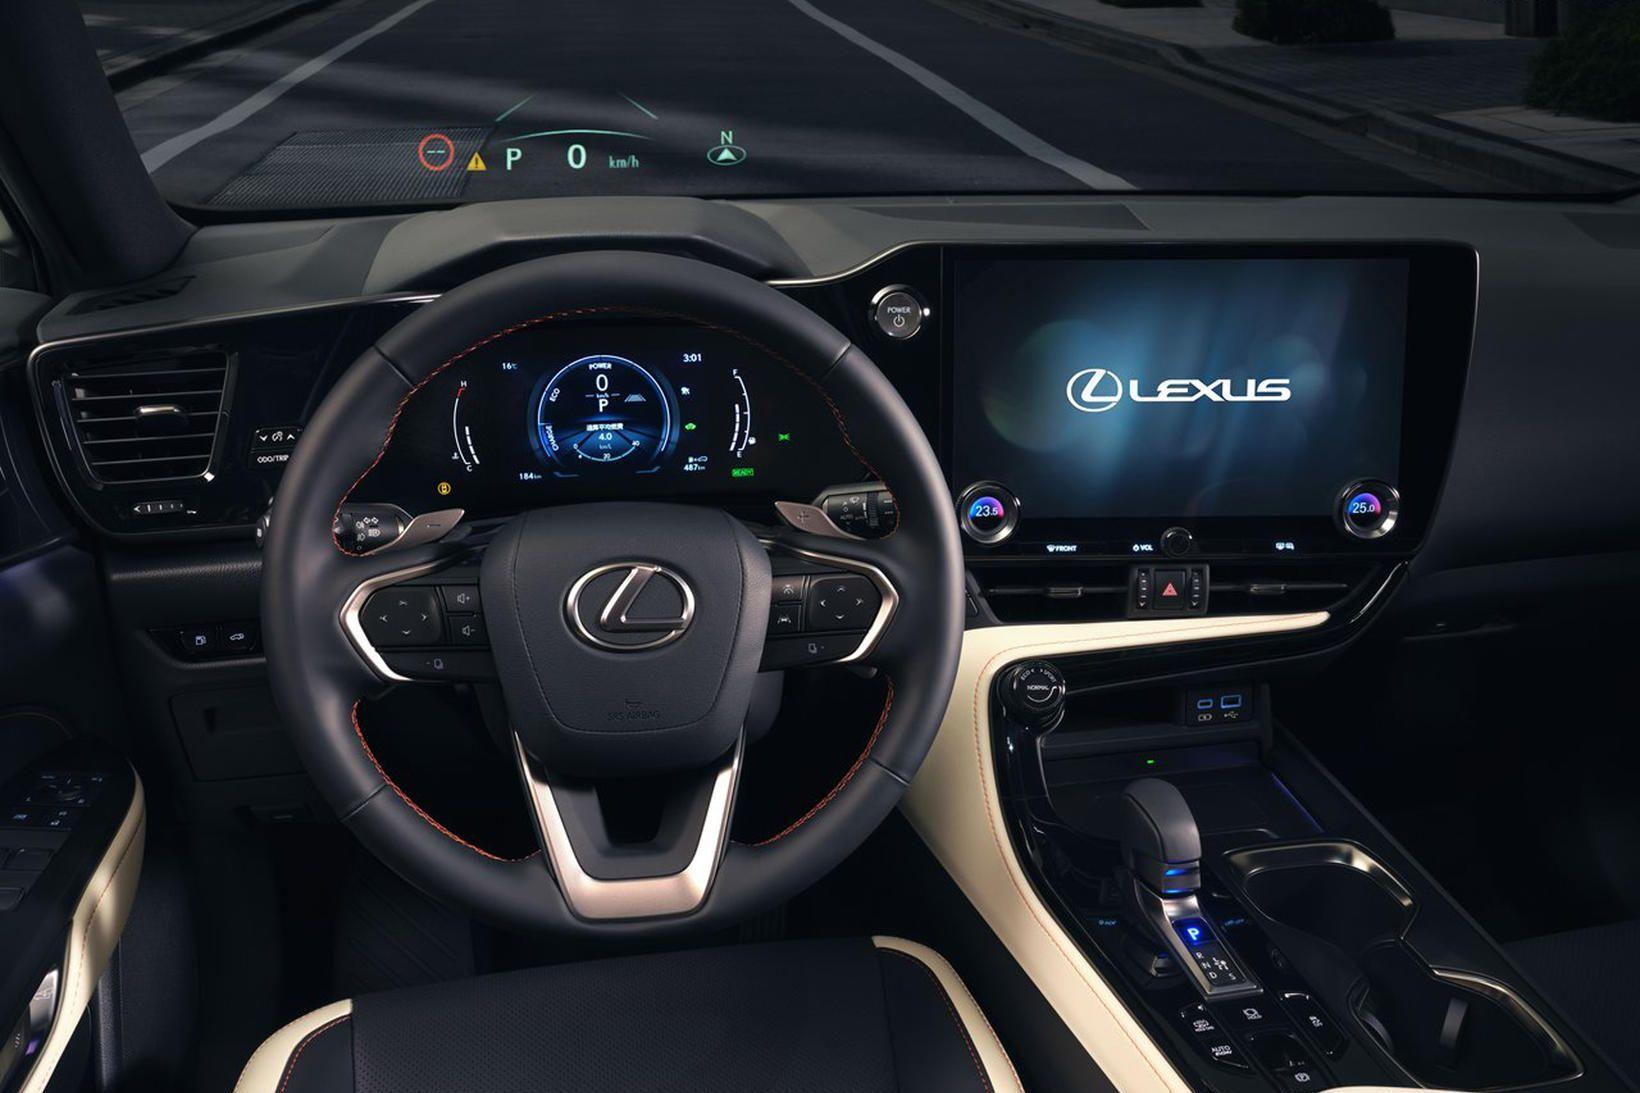 Stýrið er alvegnýtt og stóri snertiskjárinn í Lexus 350h mikil …